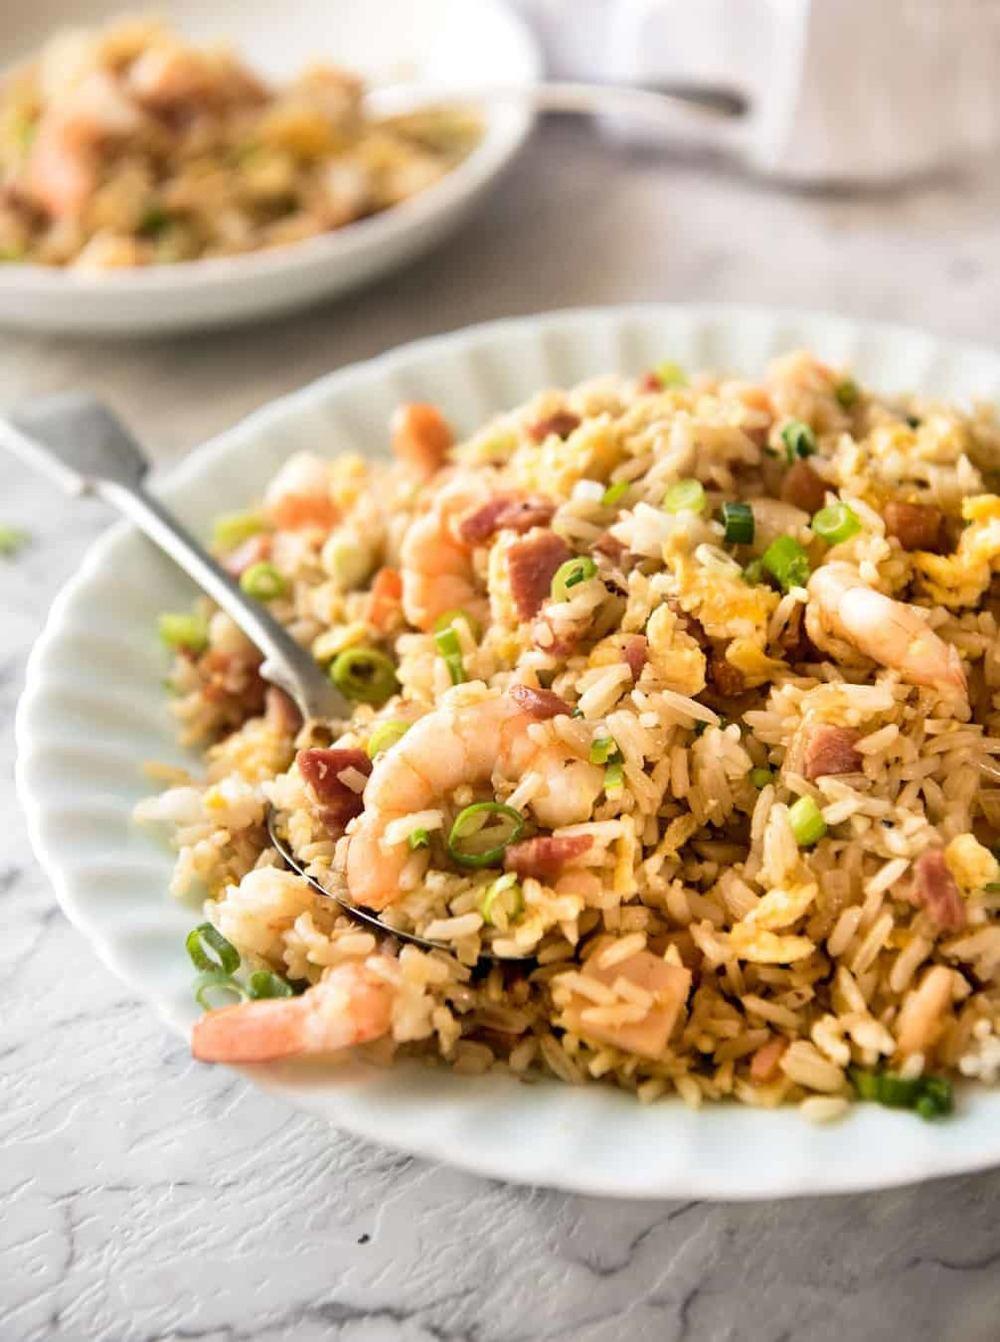 Chinese Fried Rice With Shrimp / Prawns Recipe | HeyFood — heyfoodapp.com